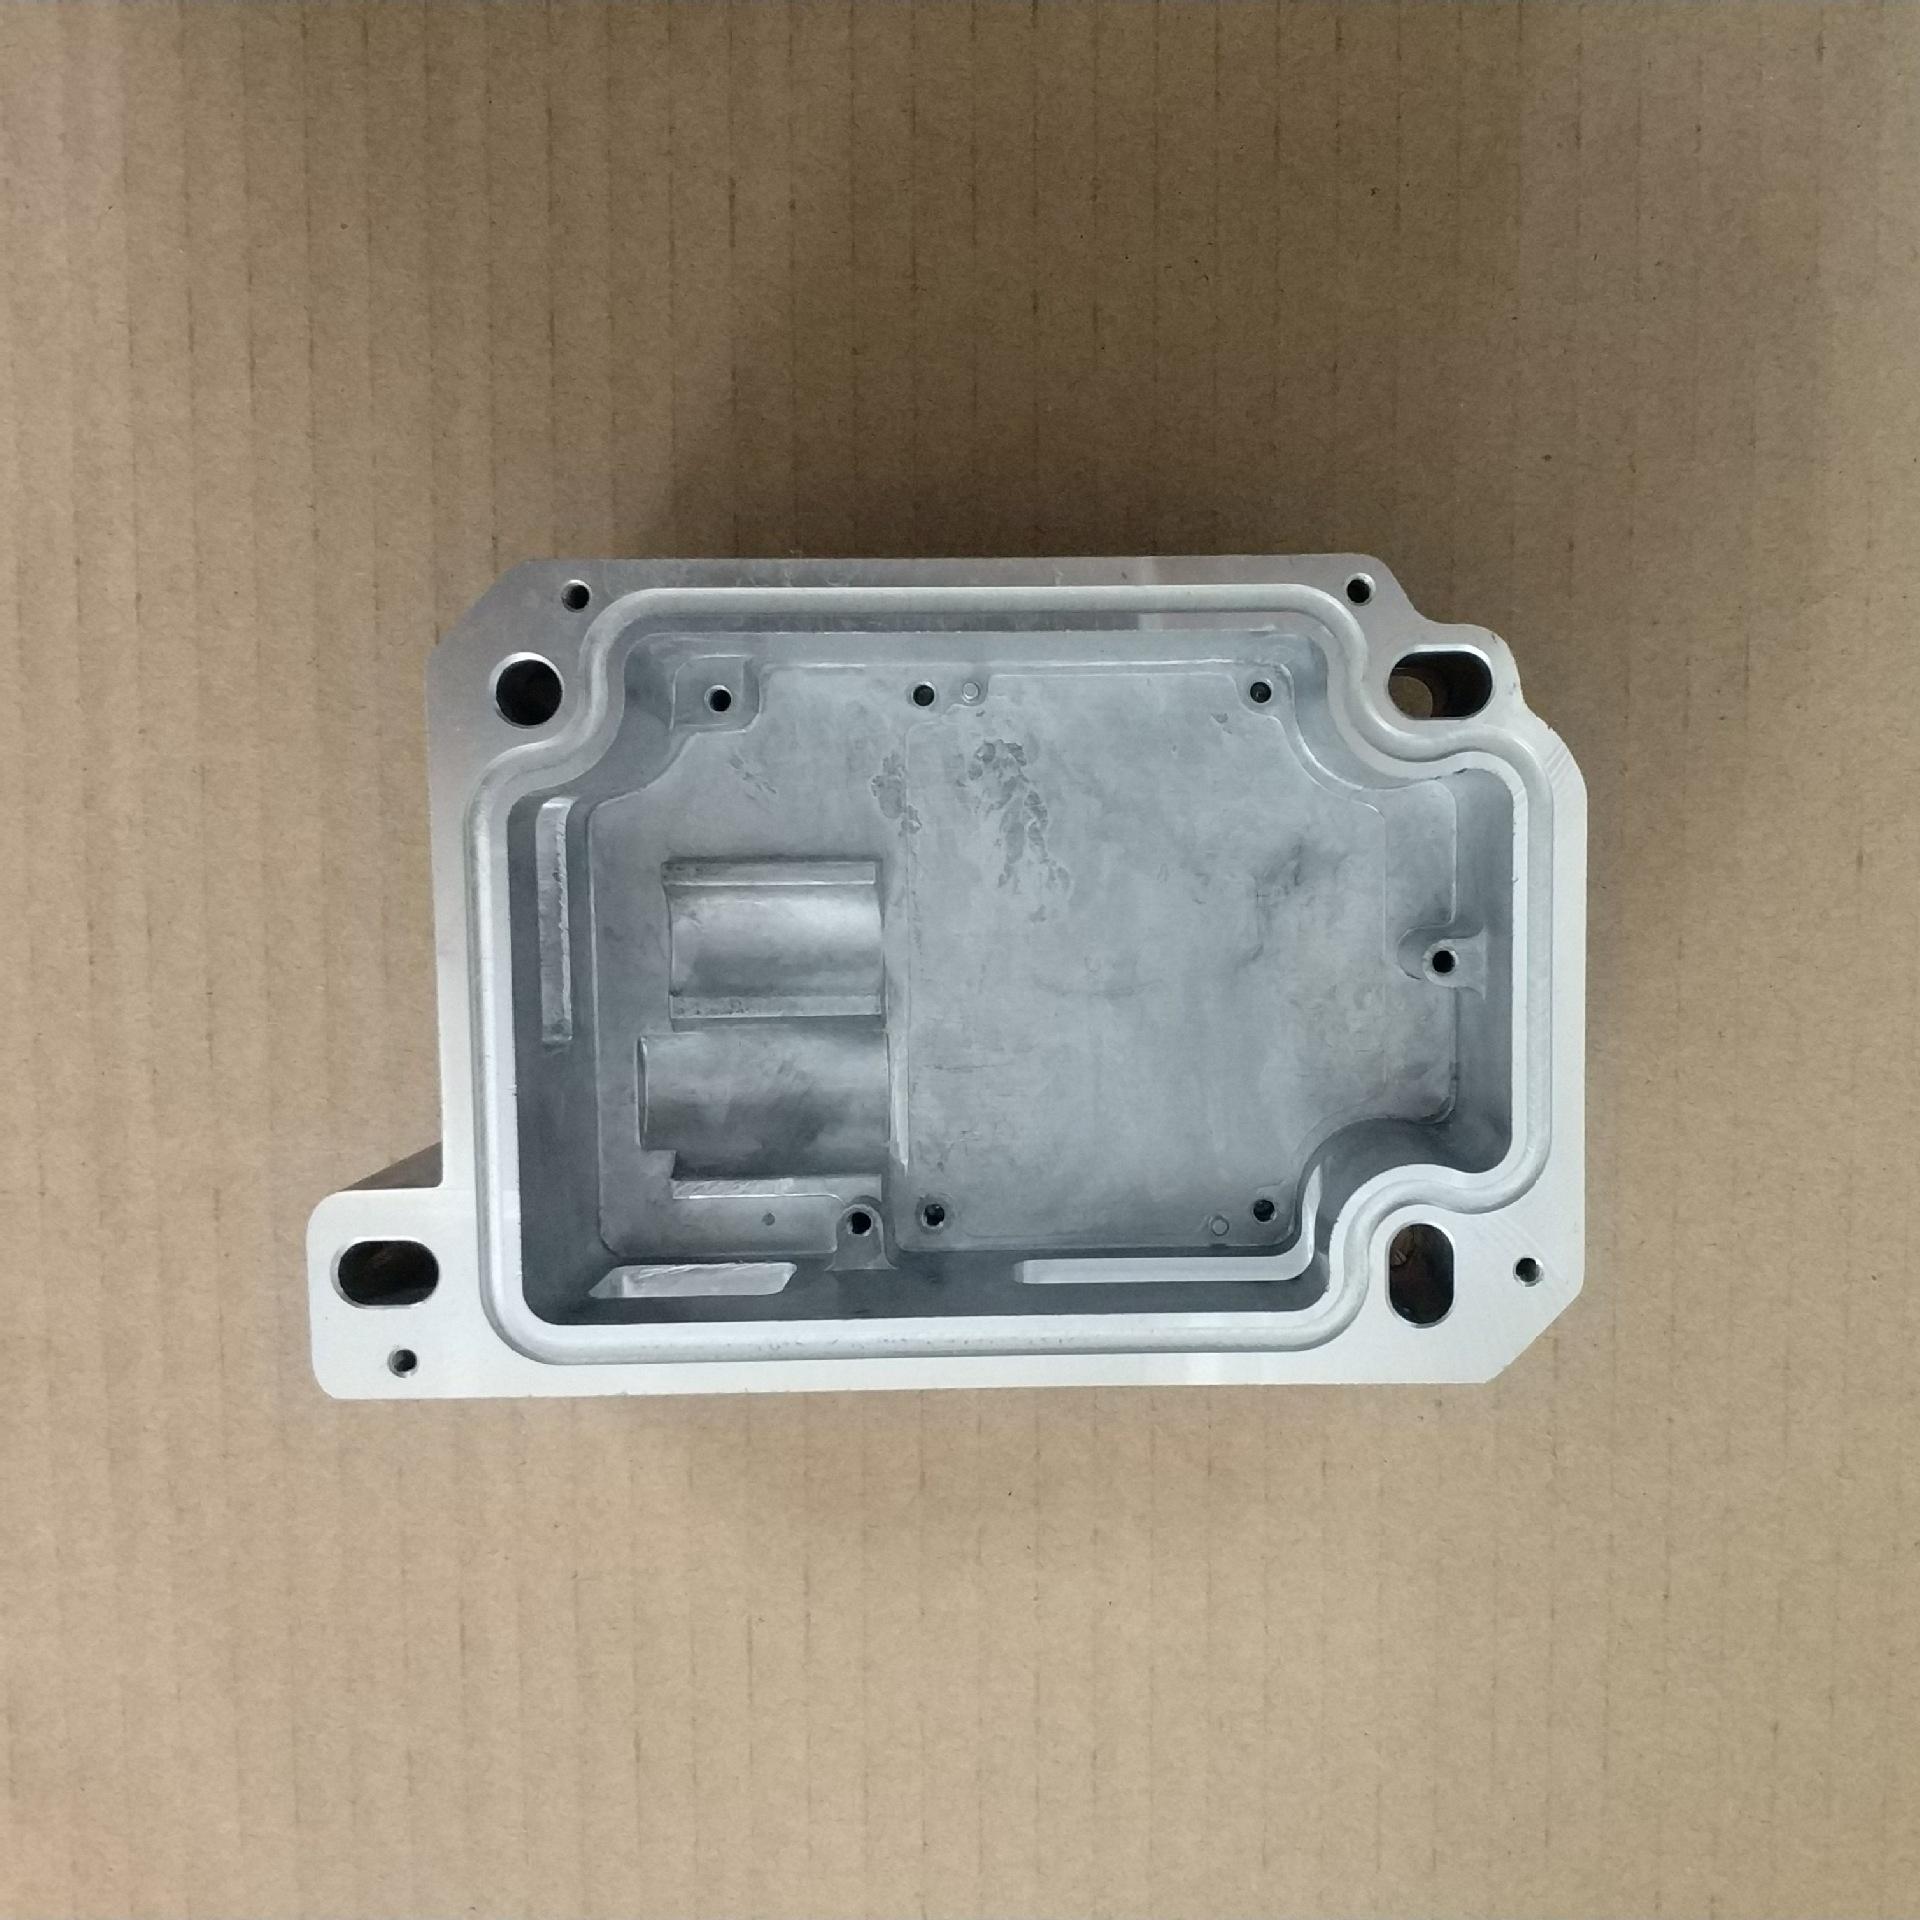 惠州工厂供应铝压铸加工定做 锌合金压铸 压铸模具 压铸加工